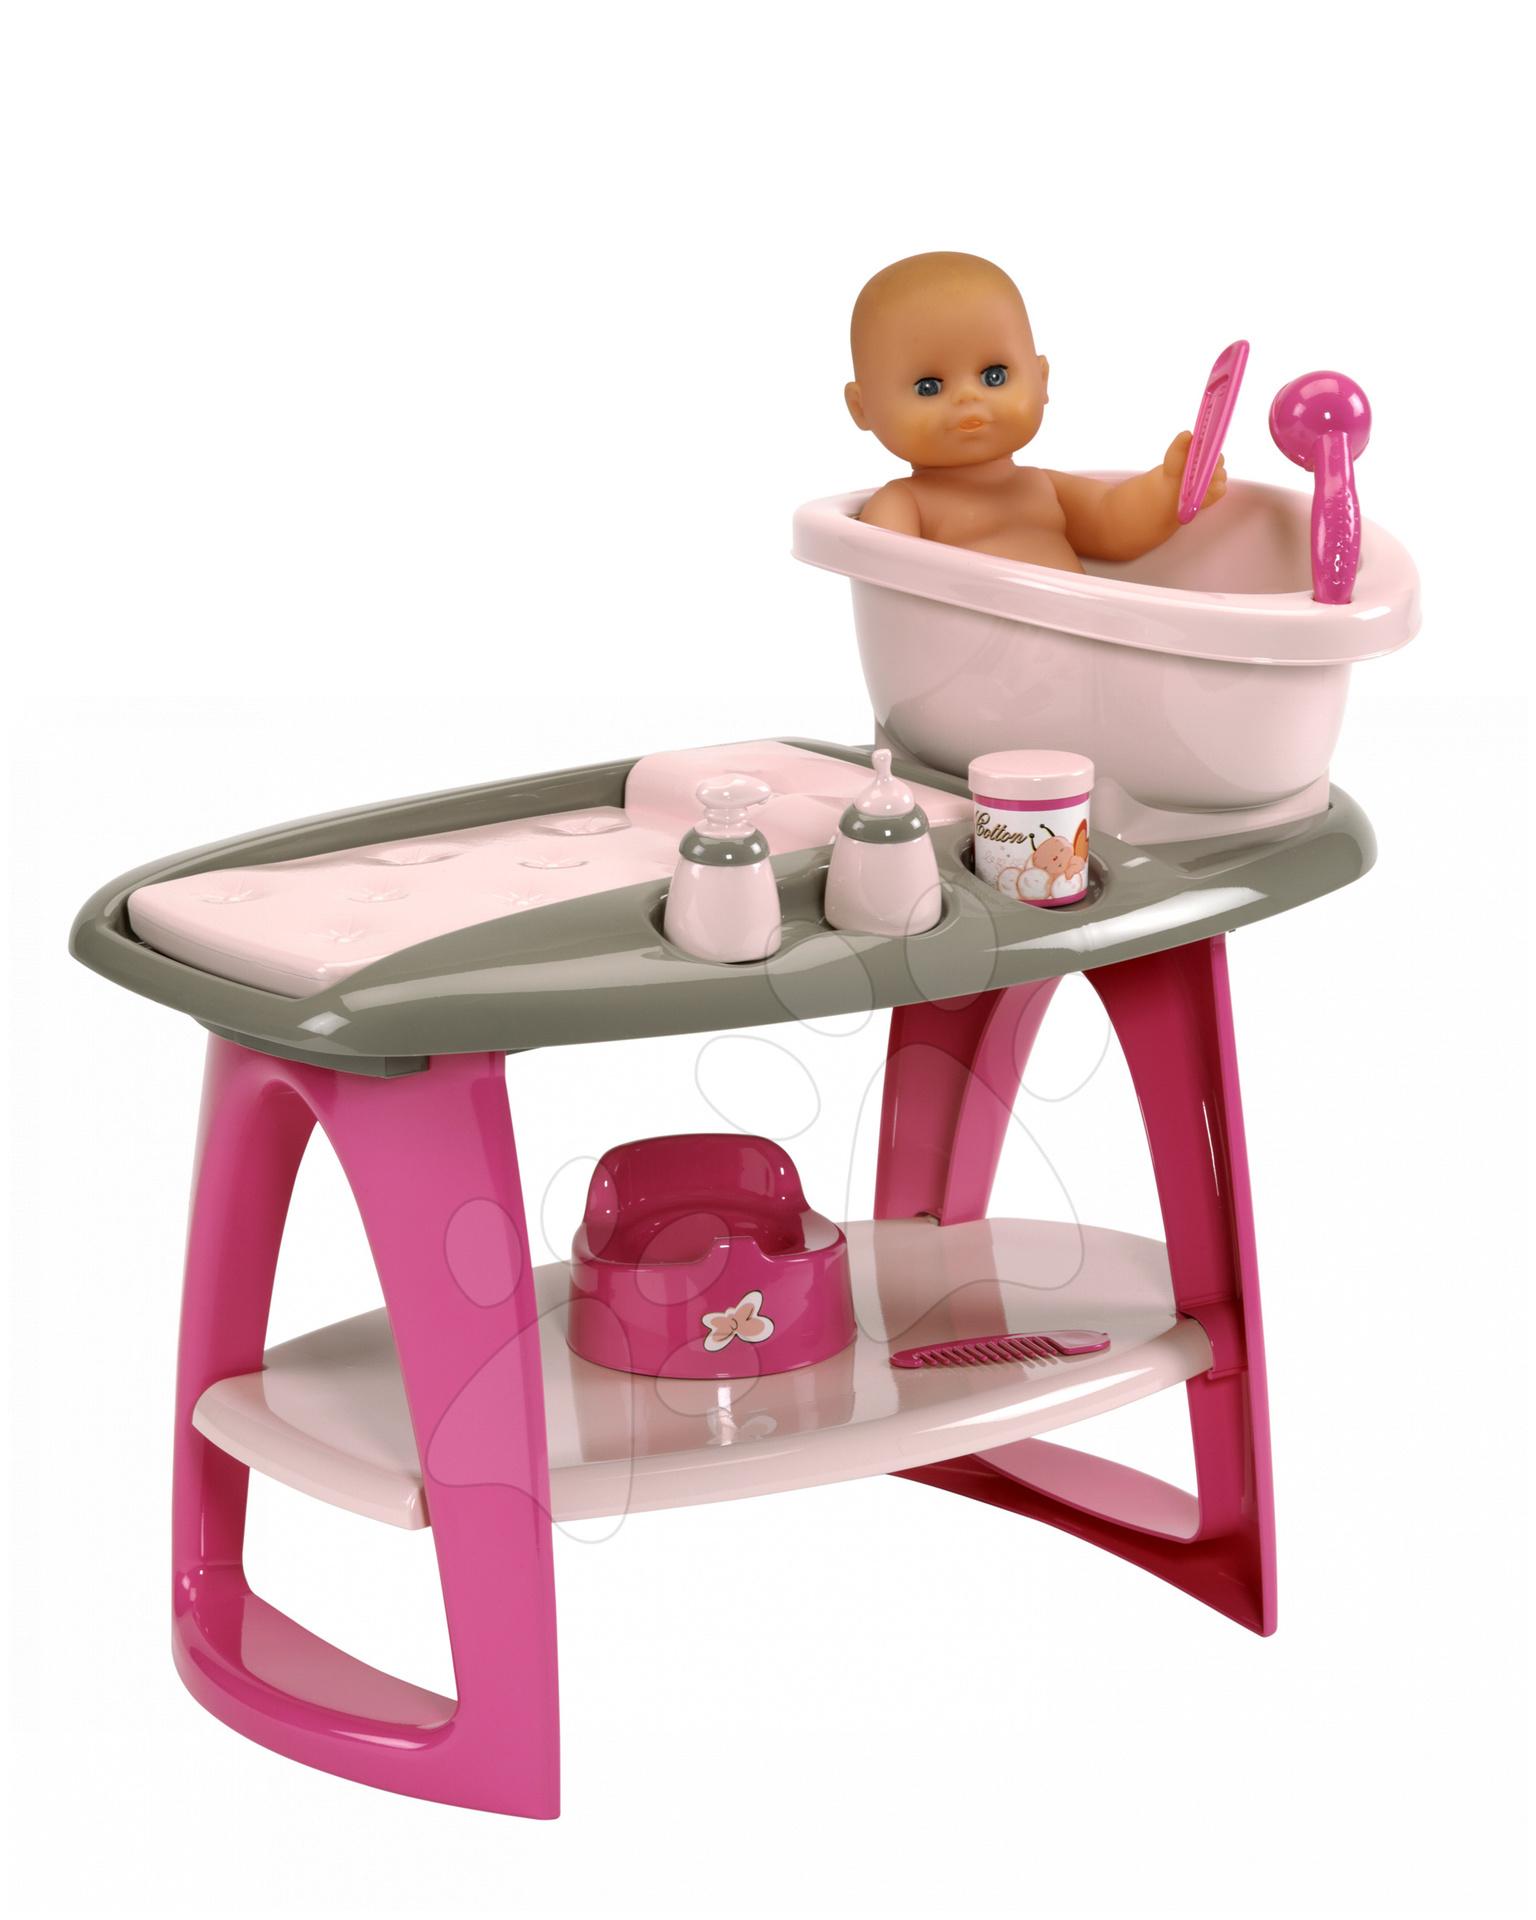 Staré položky - Prebaľovací stolík Écoiffier s kúpelňou a poličkou Nursery a 8 doplnkov od 18 mes